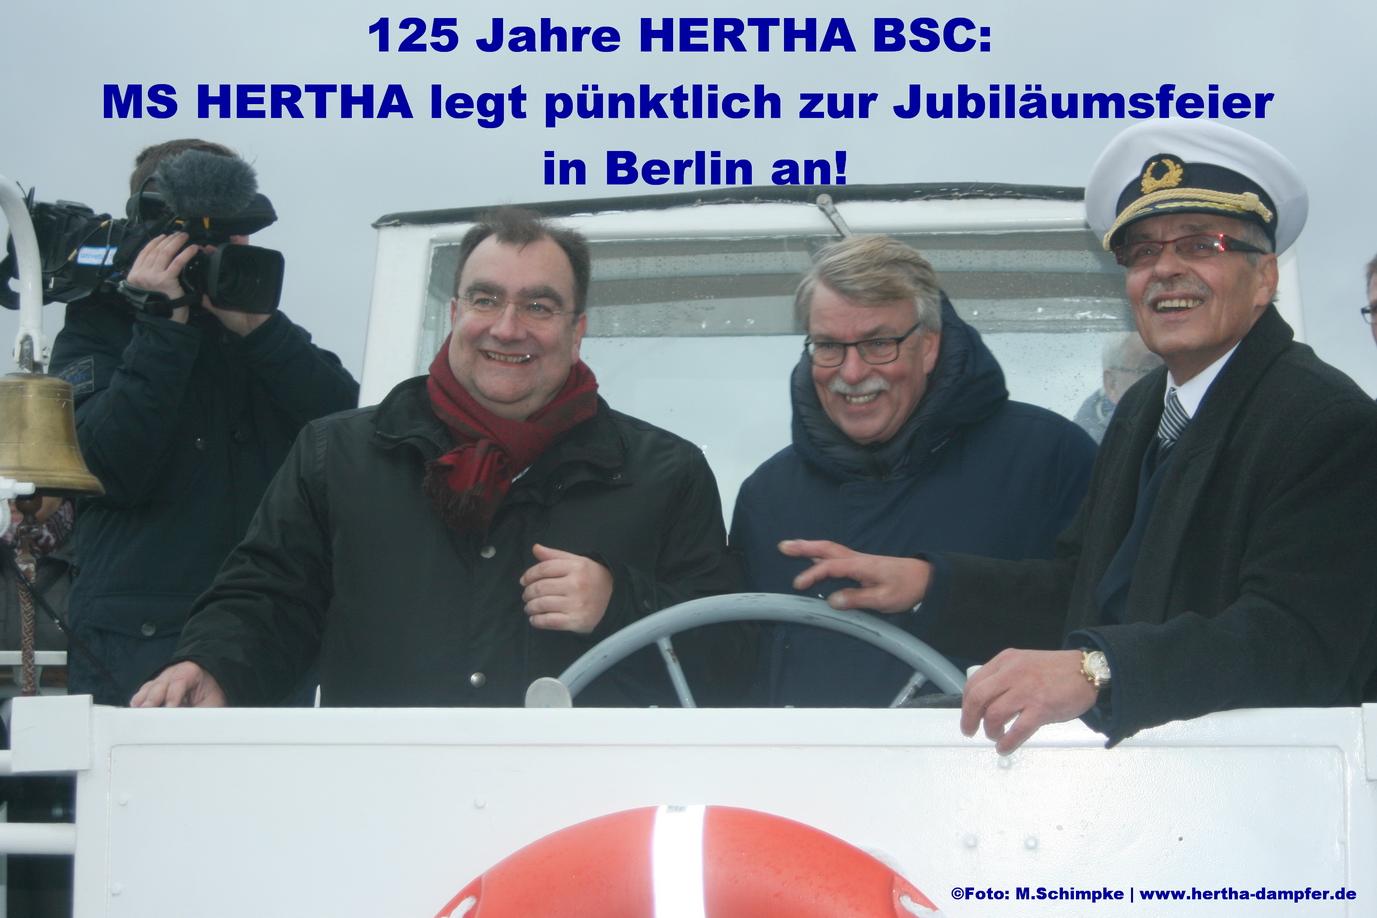 HERTHA kommt zum Jubiläum 125 Jahre HERTHA BSC nach Berlin !